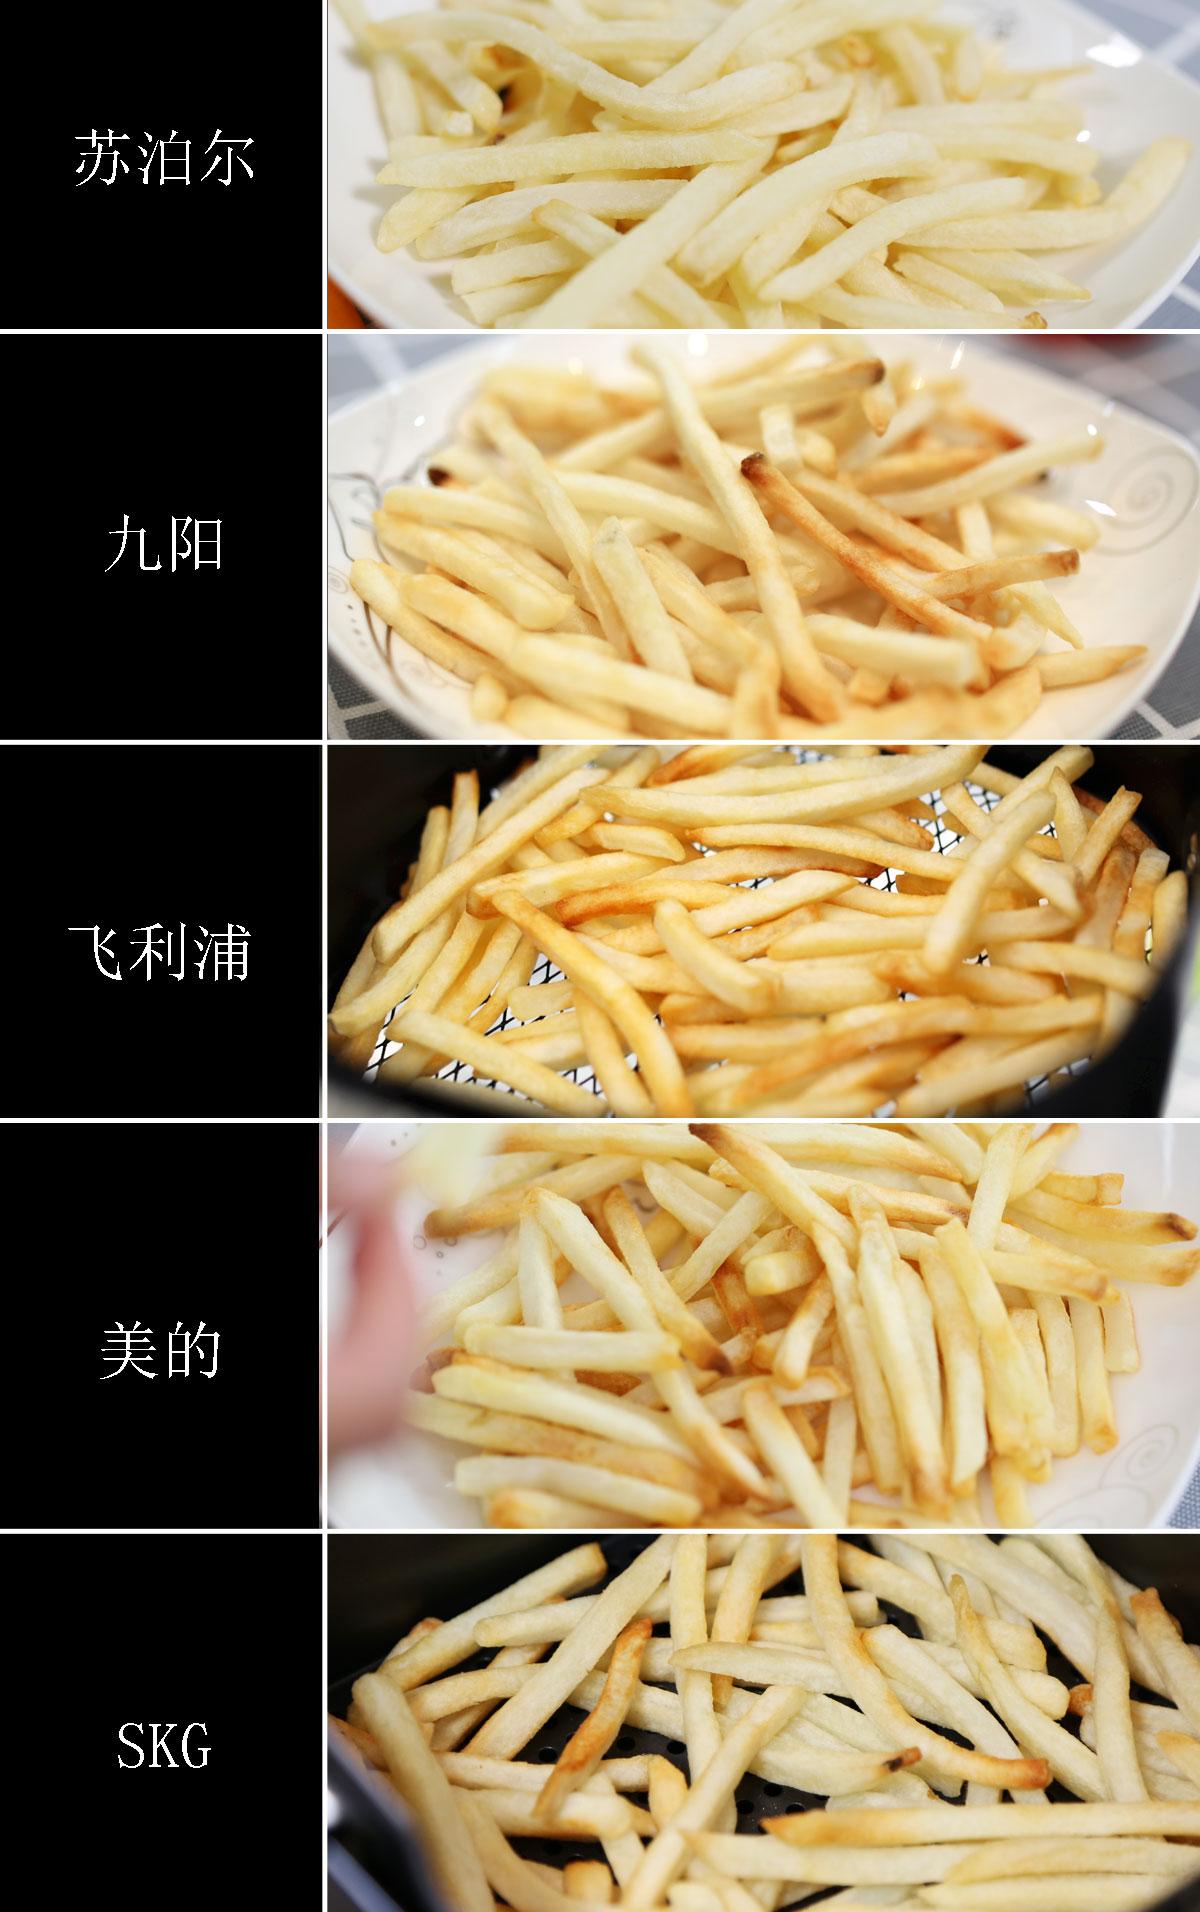 五款薯条对比.jpg